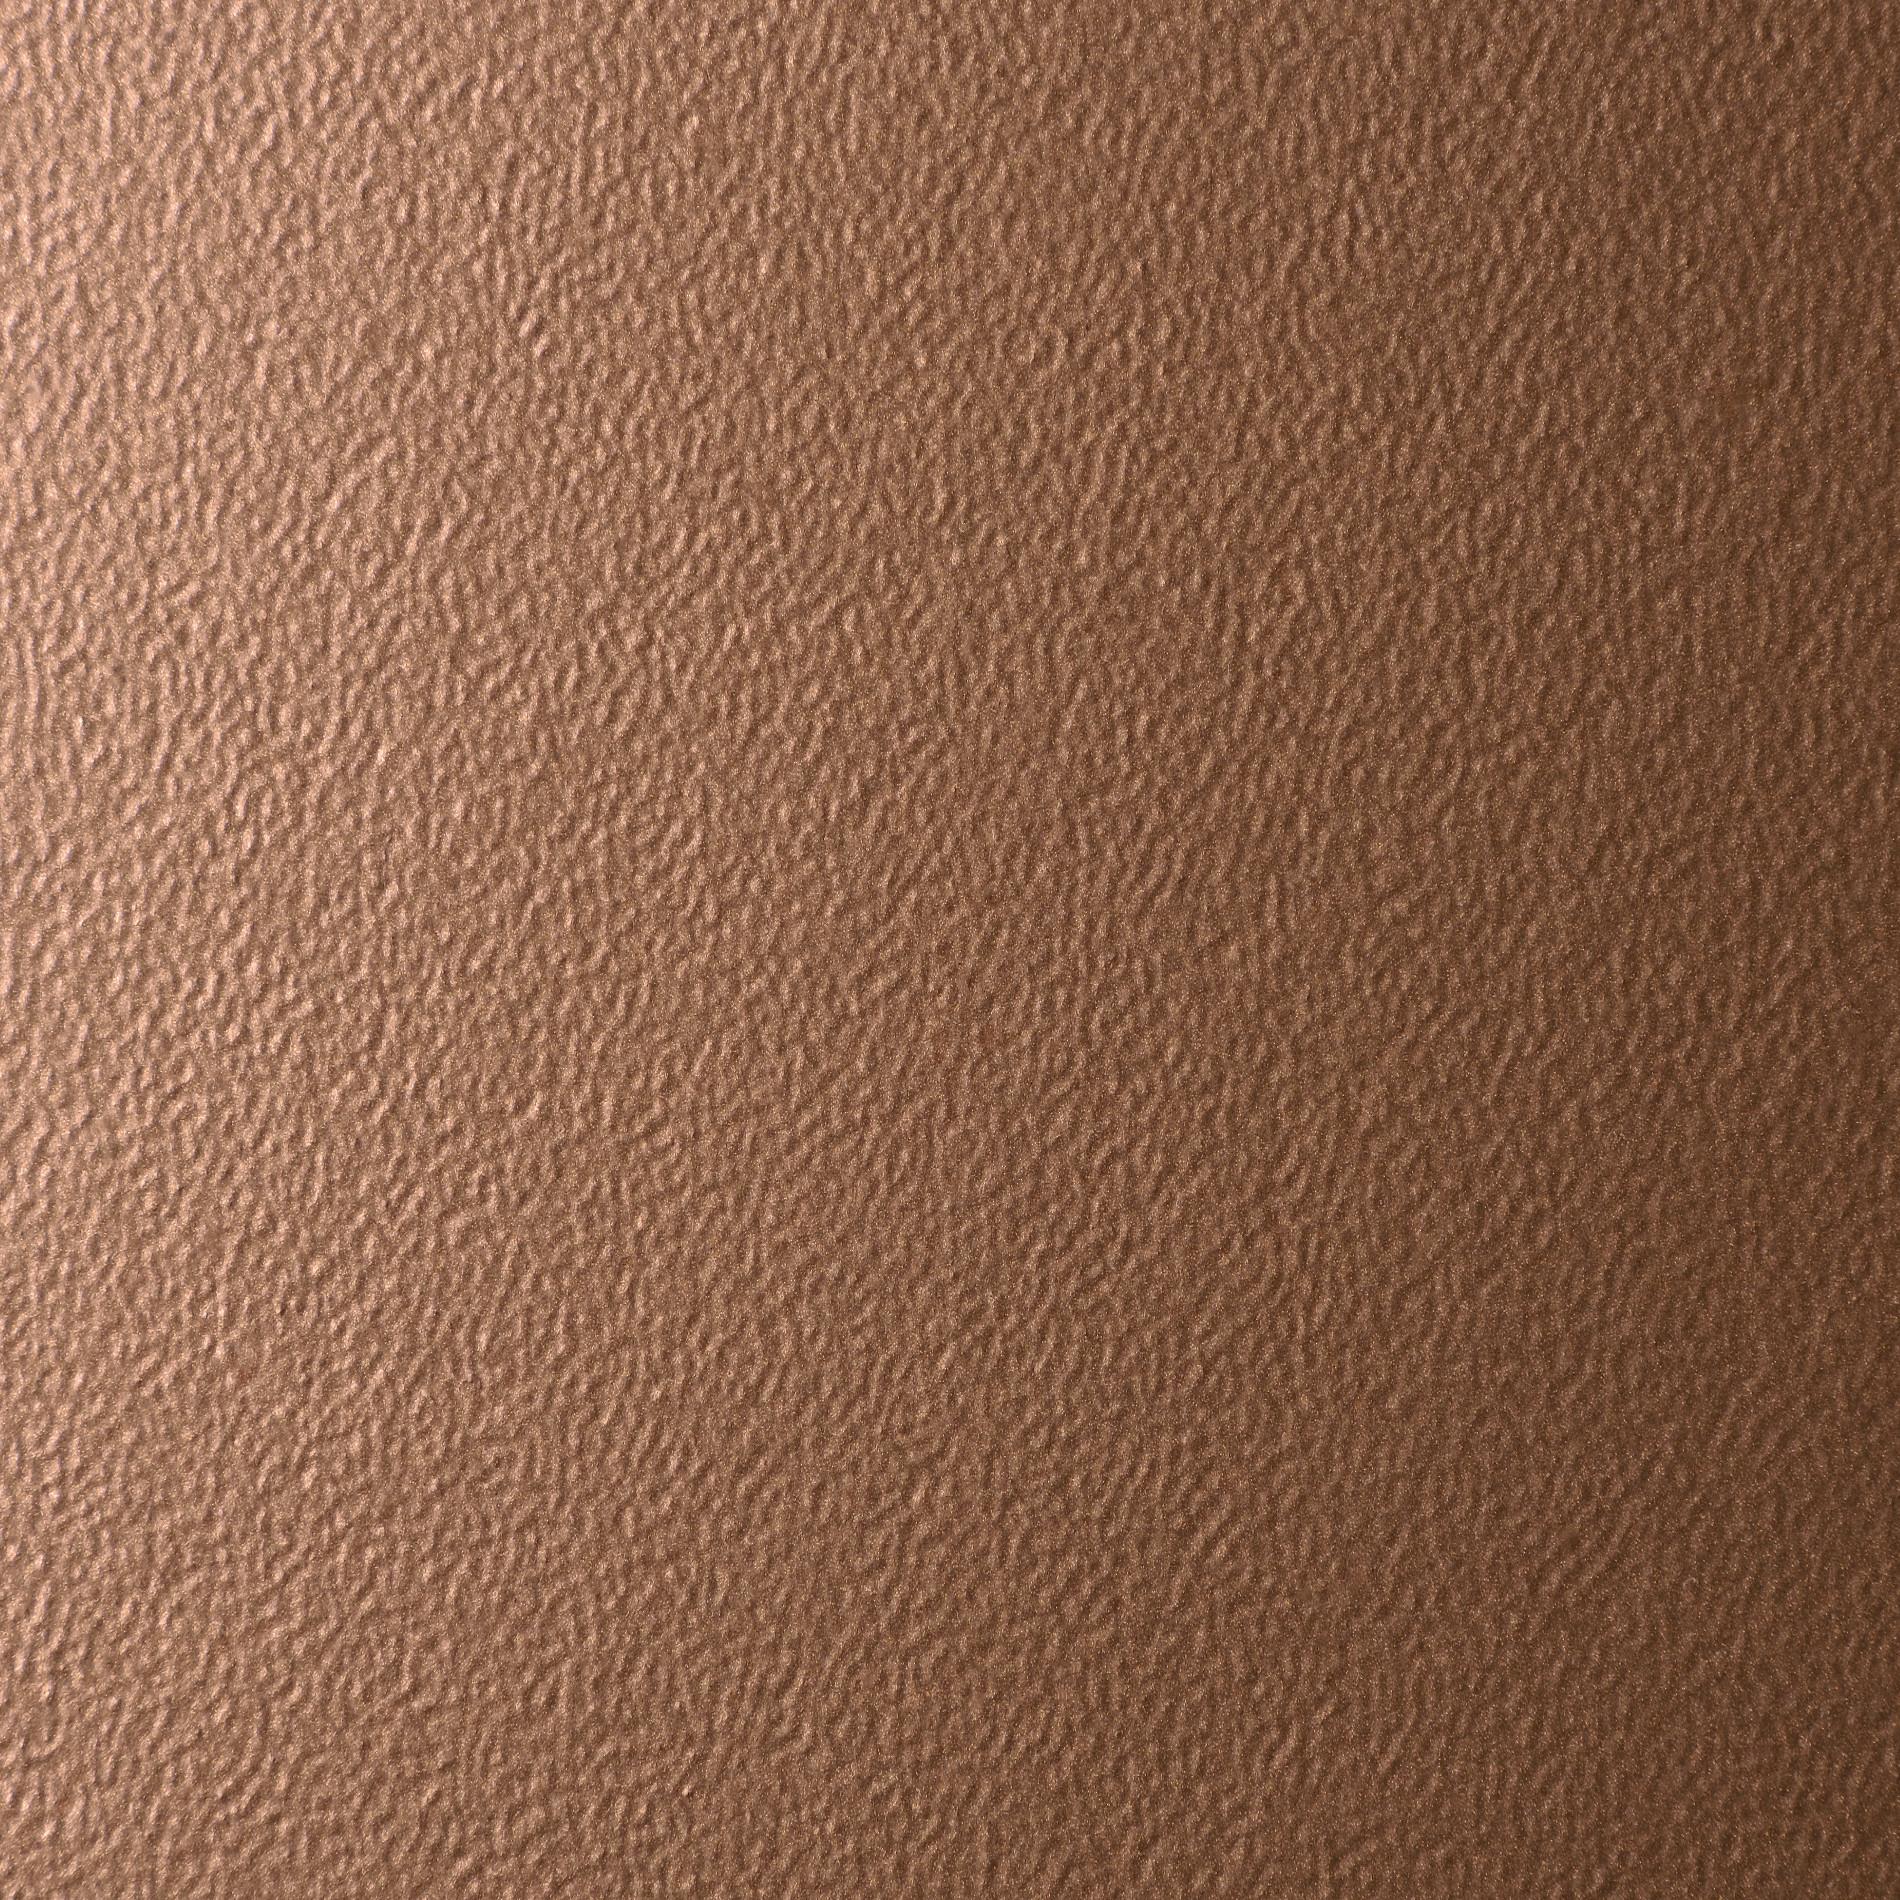 Peinture Couleur Terre Cuite aérosol effet métal - peintures julien